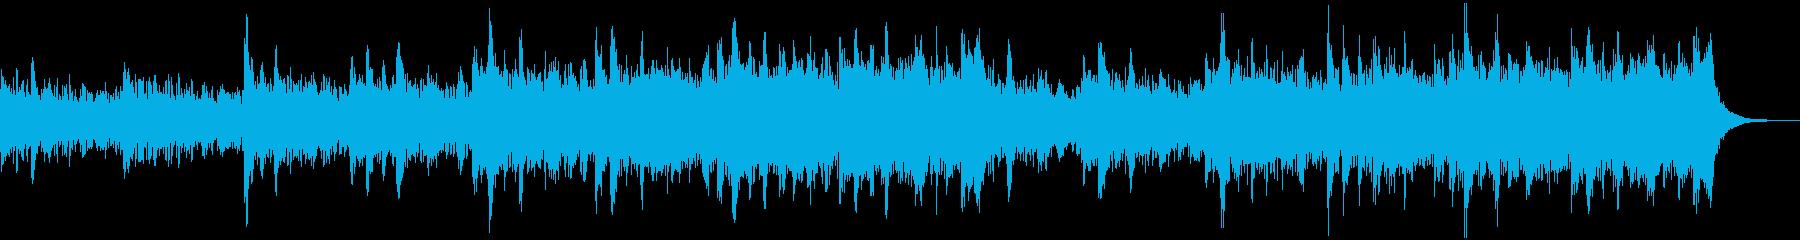 企業VP映像、175オーケストラ、爽快Lの再生済みの波形